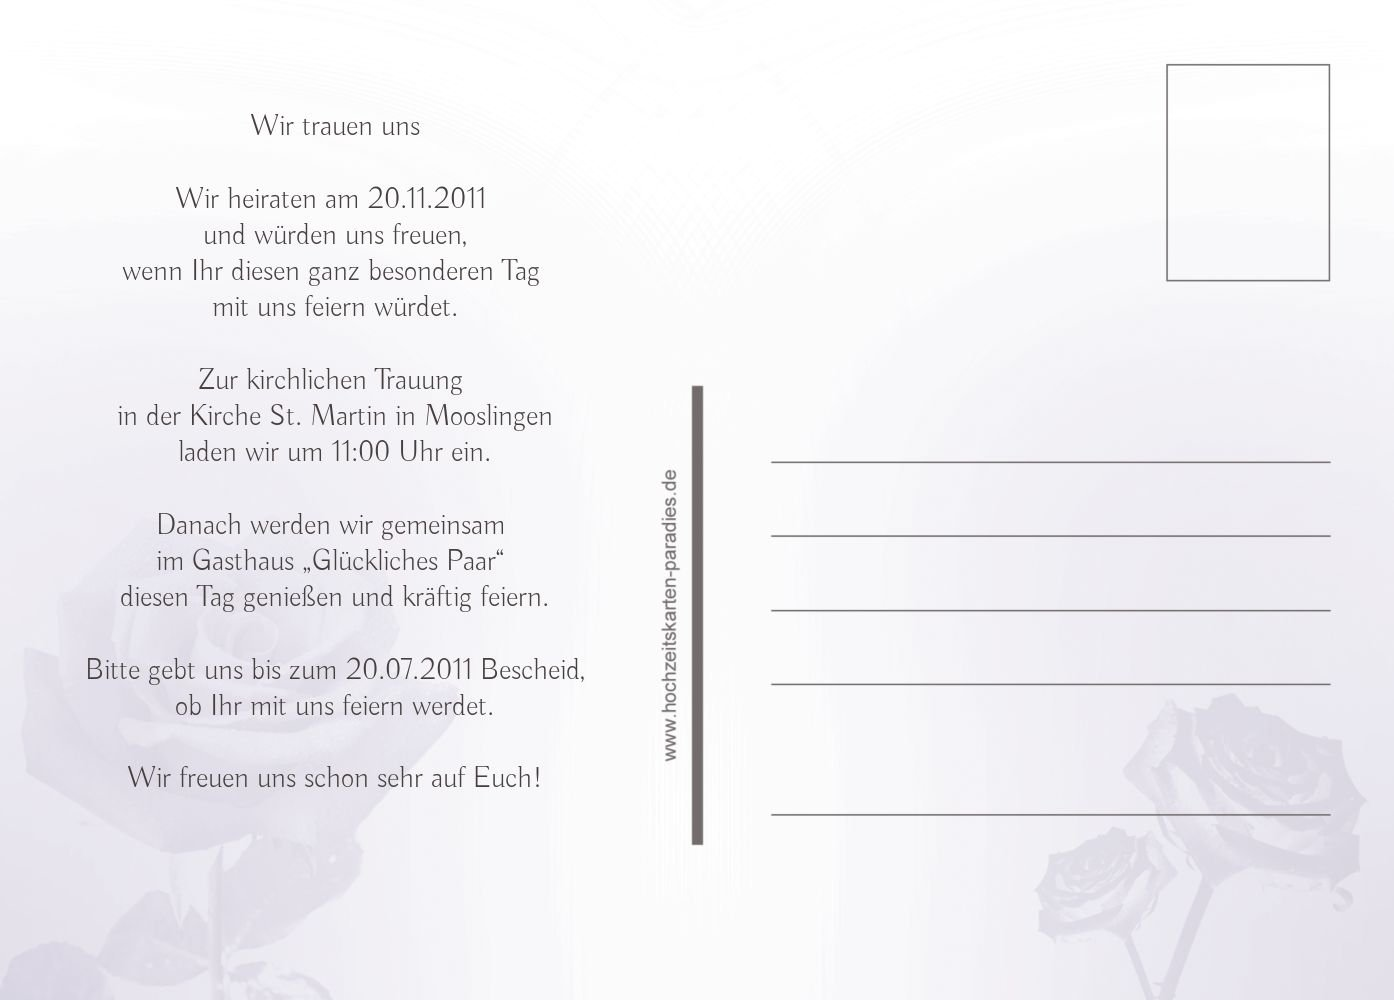 Kartenparadies Hochzeitskarte Save-the-Date Rosa, hochwertige Save the the the Date Karte zur Hochzeit   30 Karten - (Format  148x105 mm) Farbe  HellRosa B01N6T4A6F | Hochwertige Materialien  | Starke Hitze- und Abnutzungsbeständigkeit  | Trendy  52fce2